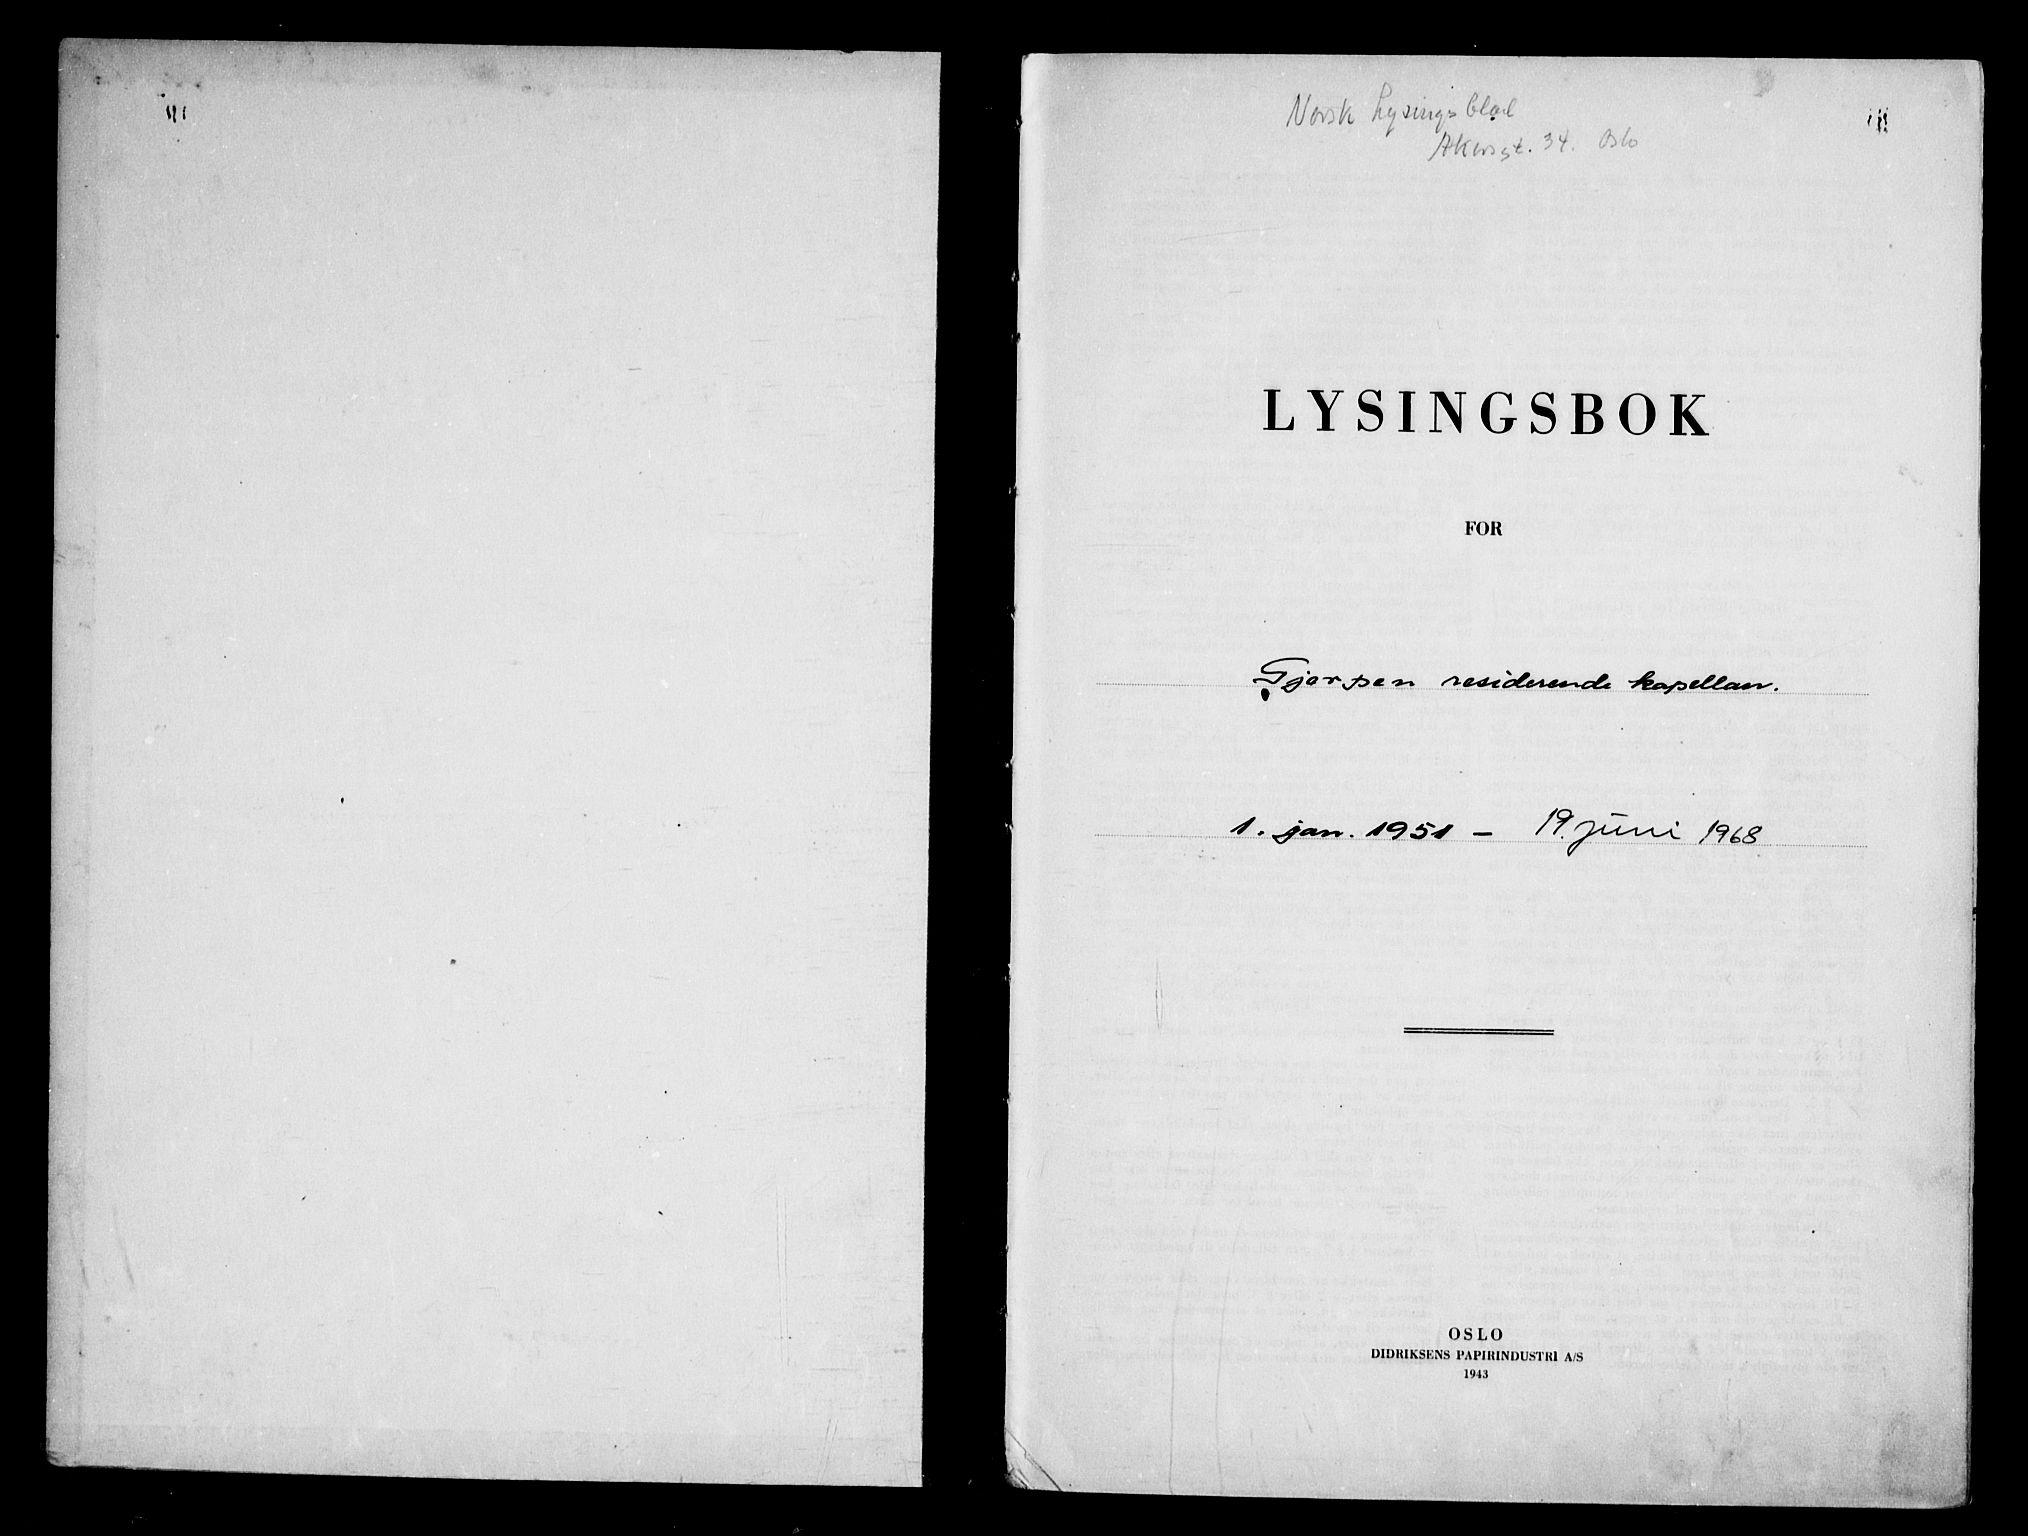 SAKO, Gjerpen kirkebøker, H/Hb/L0002: Lysningsprotokoll nr. II 2, 1951-1968